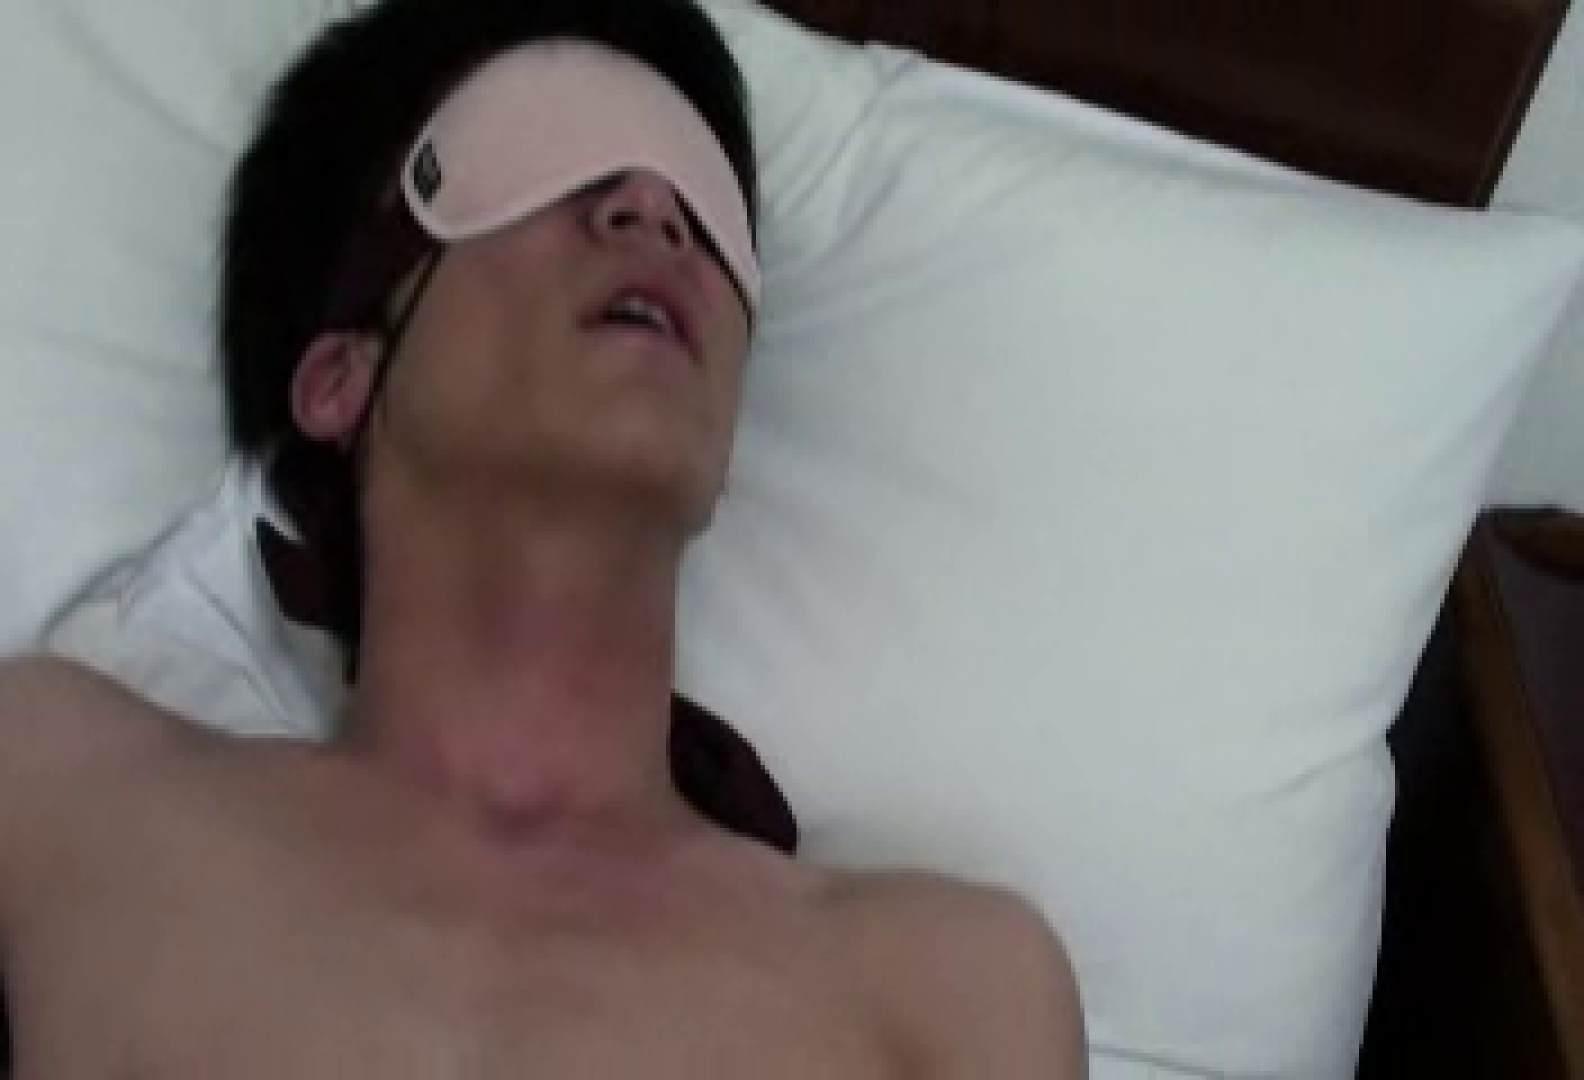 アイマスクでおもいっきり性感帯!!vol.03 ハメ撮り ゲイエロビデオ画像 81枚 69